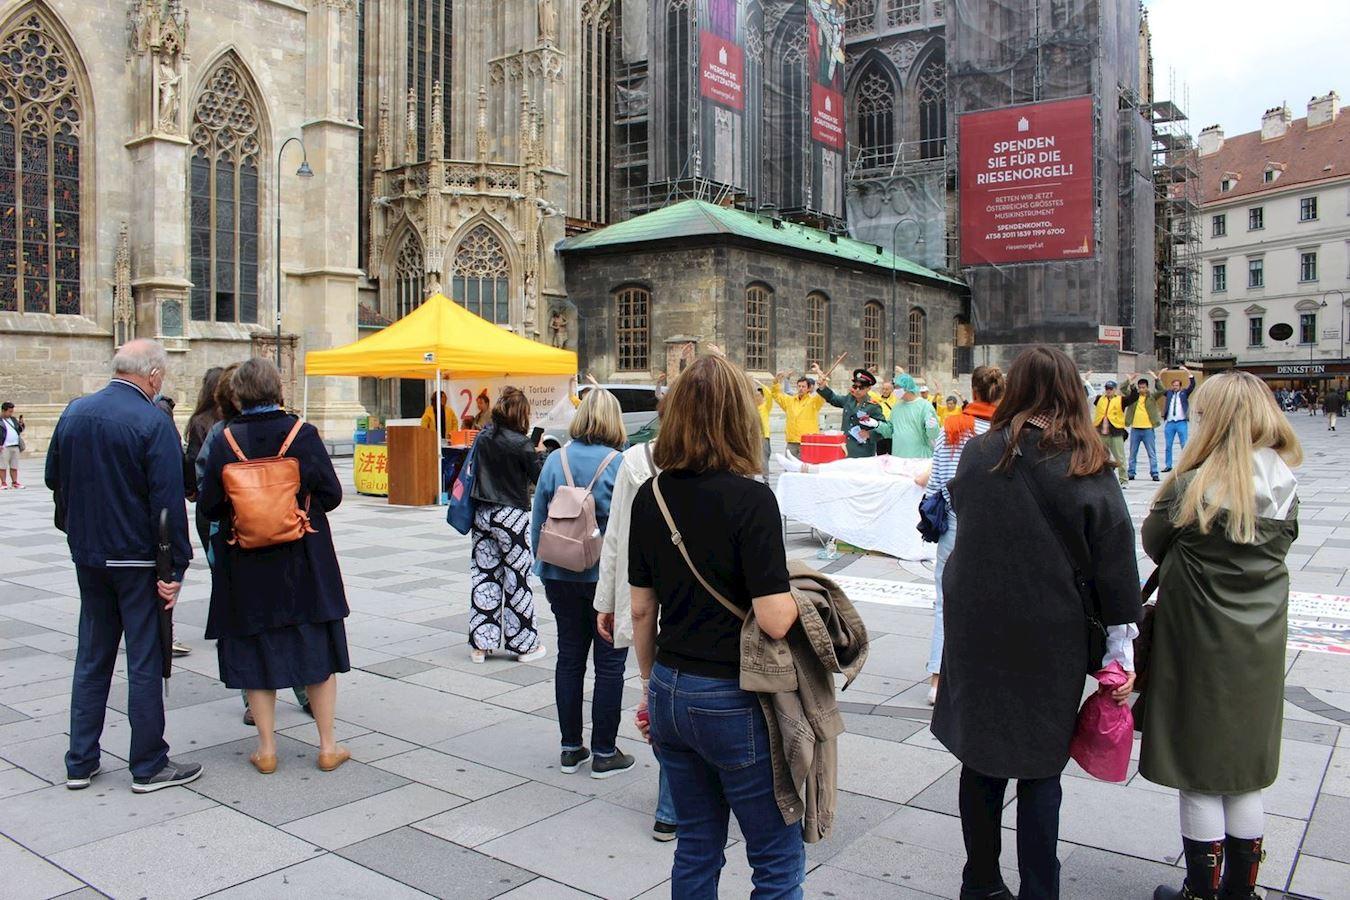 2020年7月18日,奧地利法輪功學員在維也納舉行的活動吸引了很多民眾的注意。(明慧網)